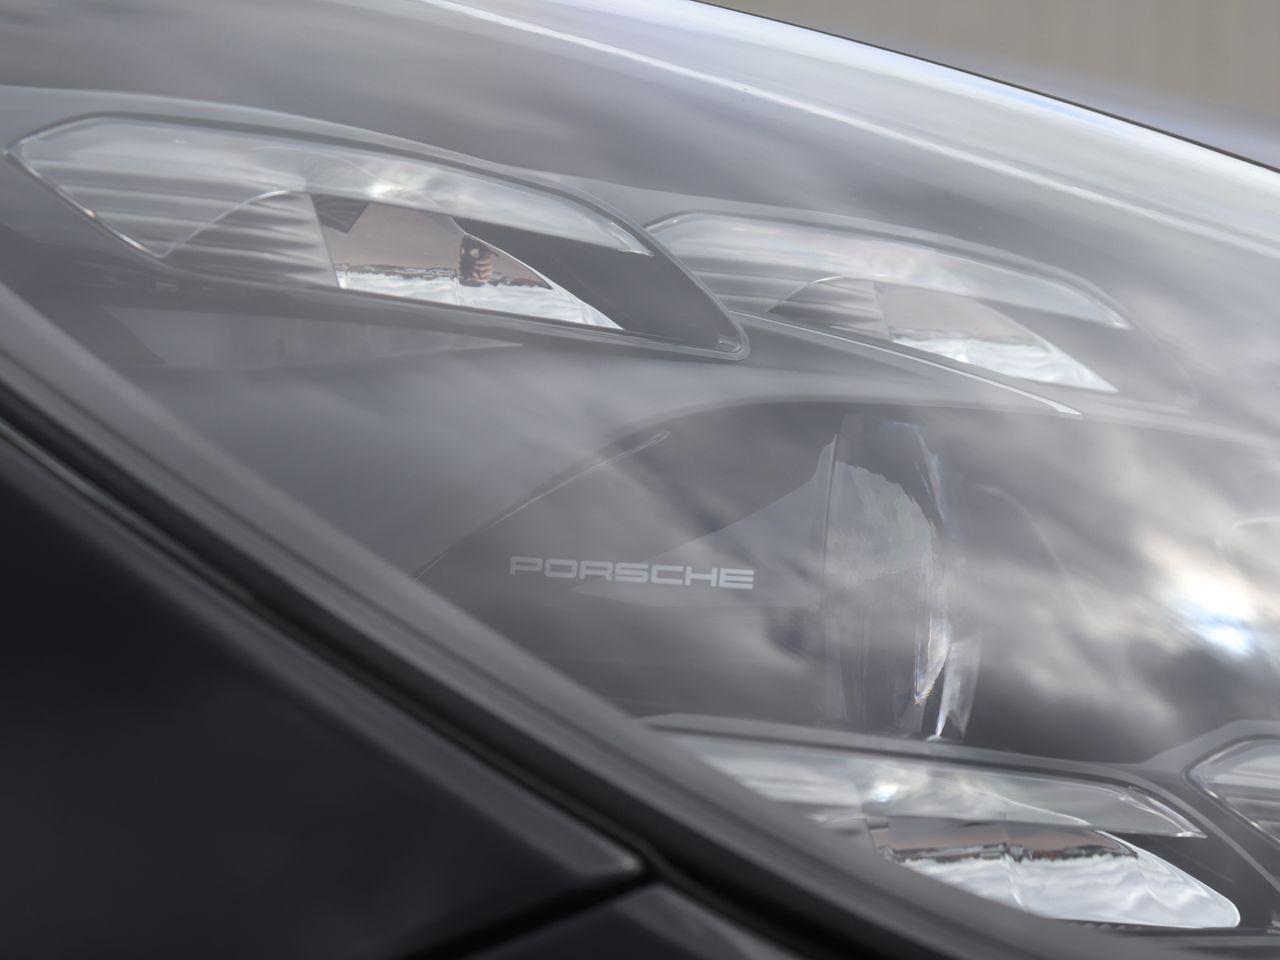 Cayenne V6 S TIPTRONIC (21) image 35